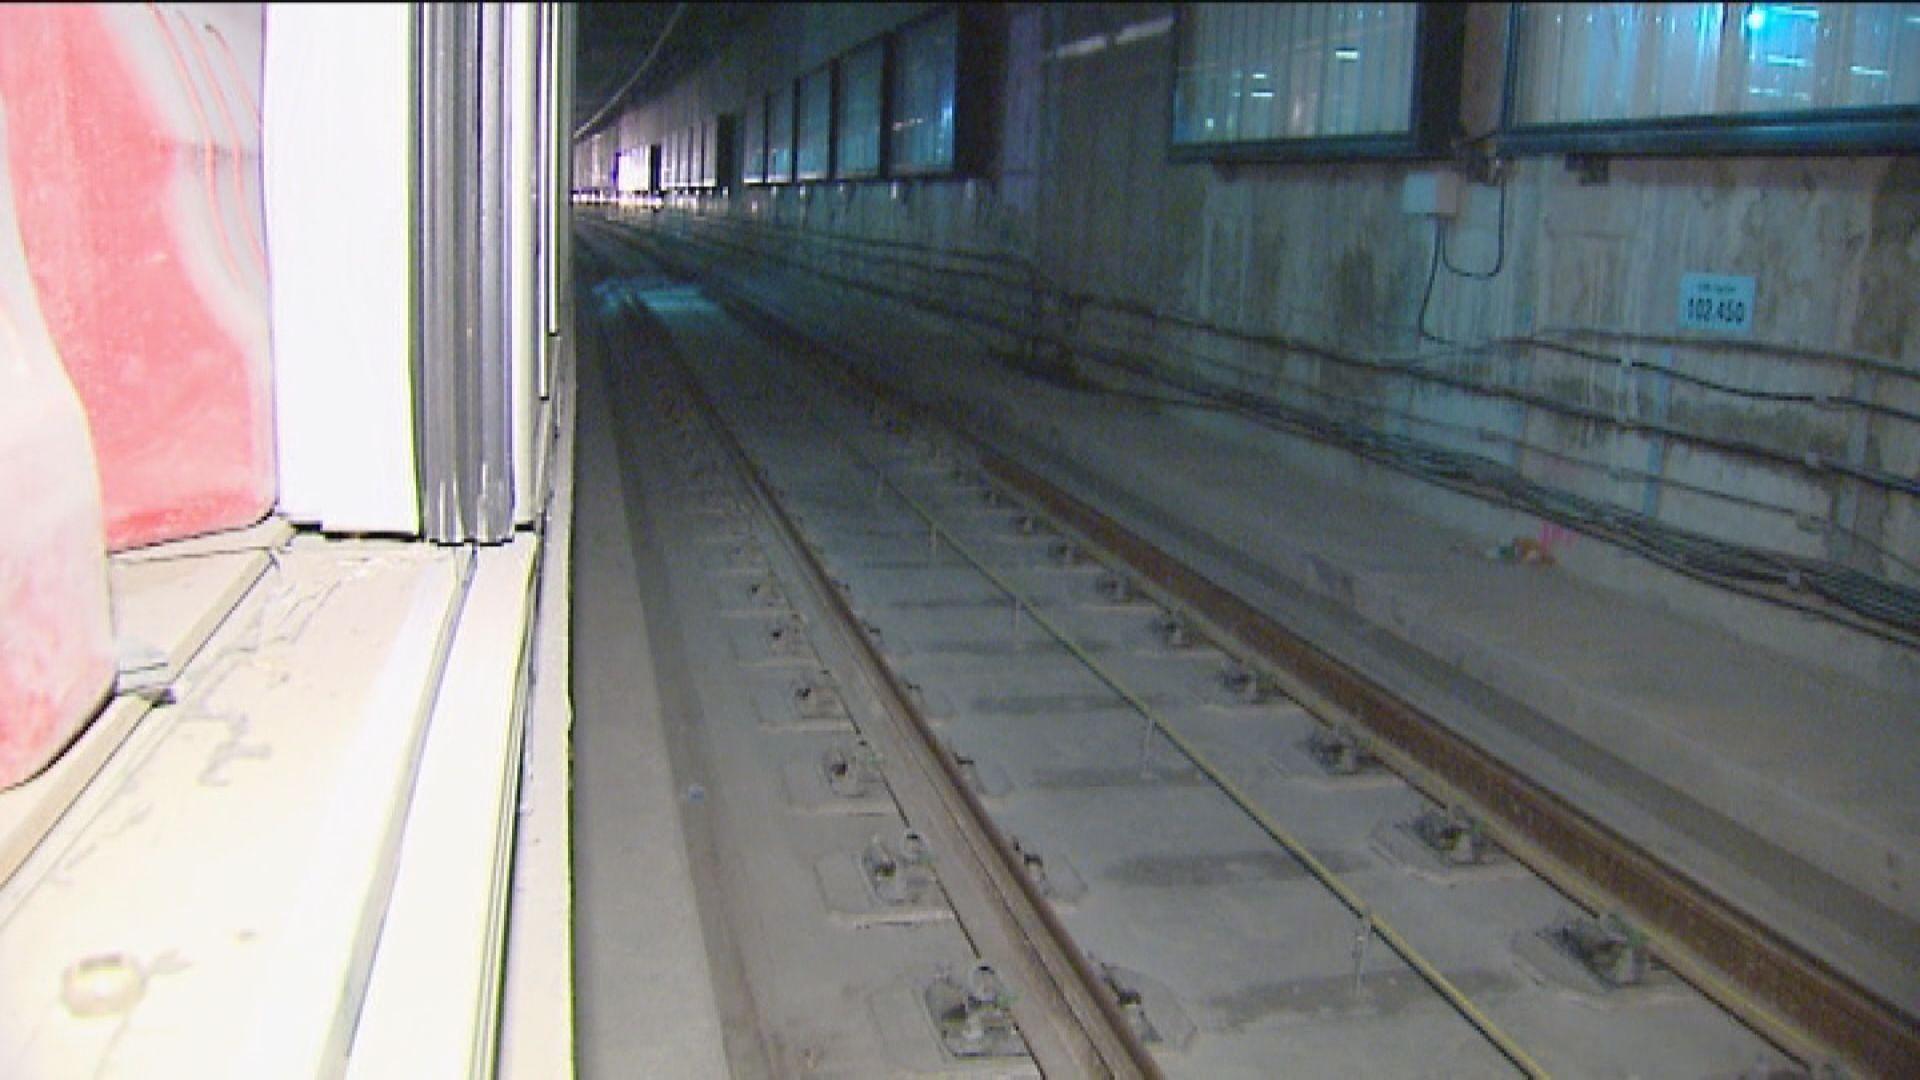 港鐵發盈警 撥備20億支付紅磡站工程開支